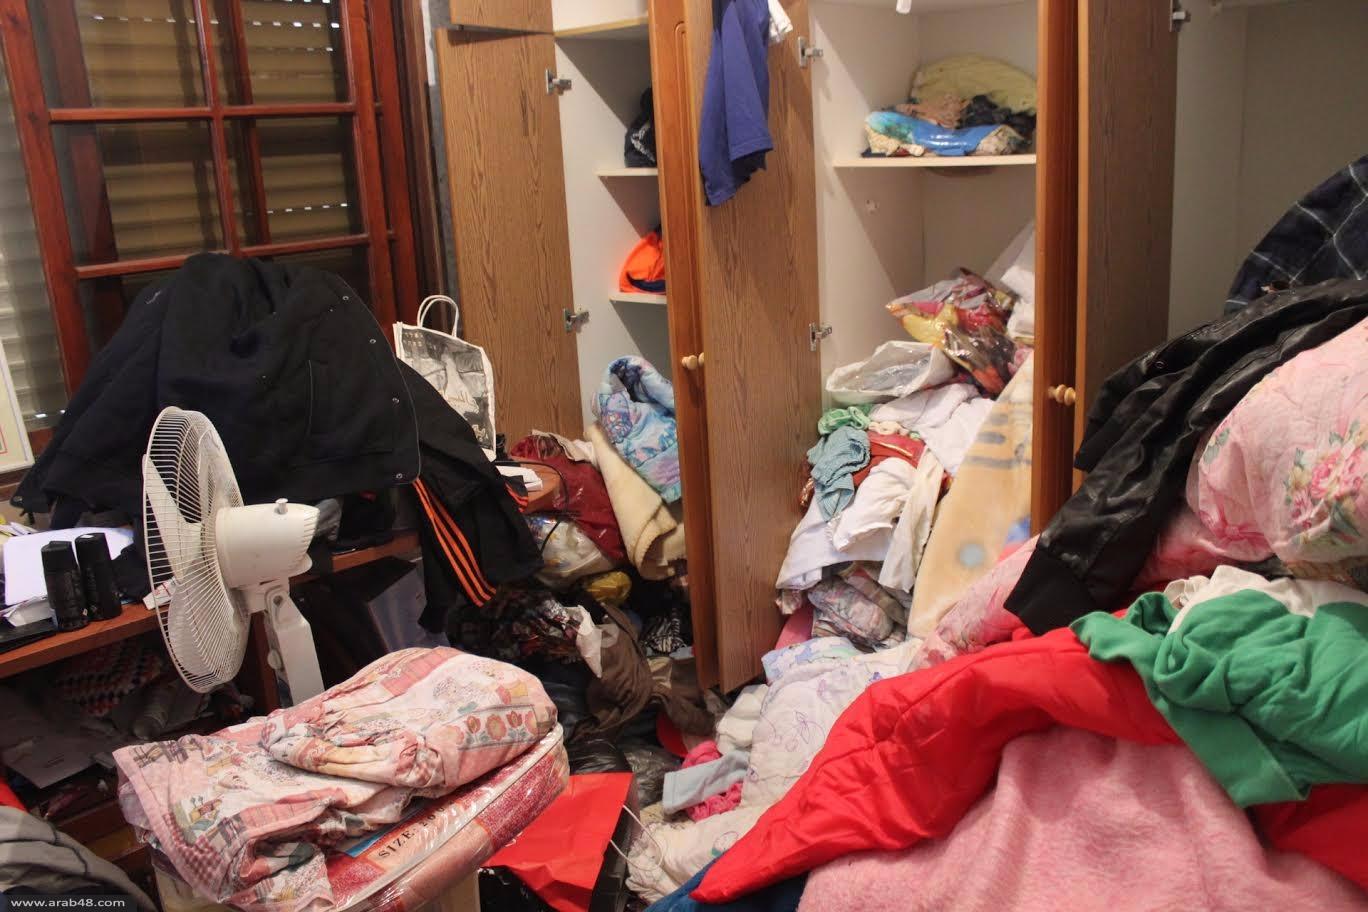 عائلة حمدان بالناصرة: الشرطة فتشت منزلنا واعتقلت ابننا